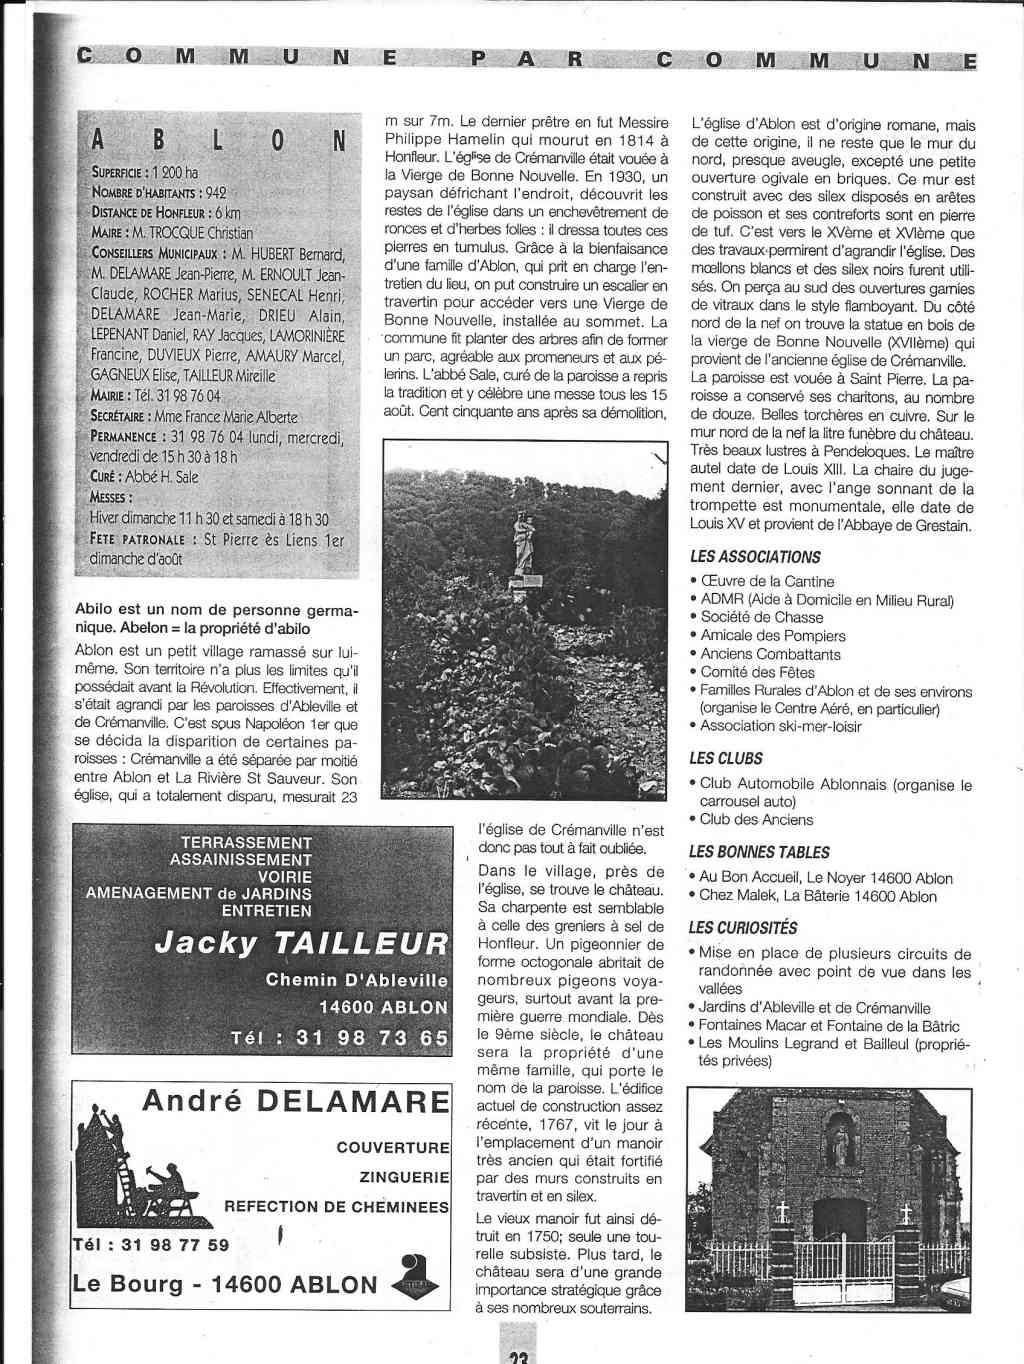 Histoire des communes - Ablon 1115